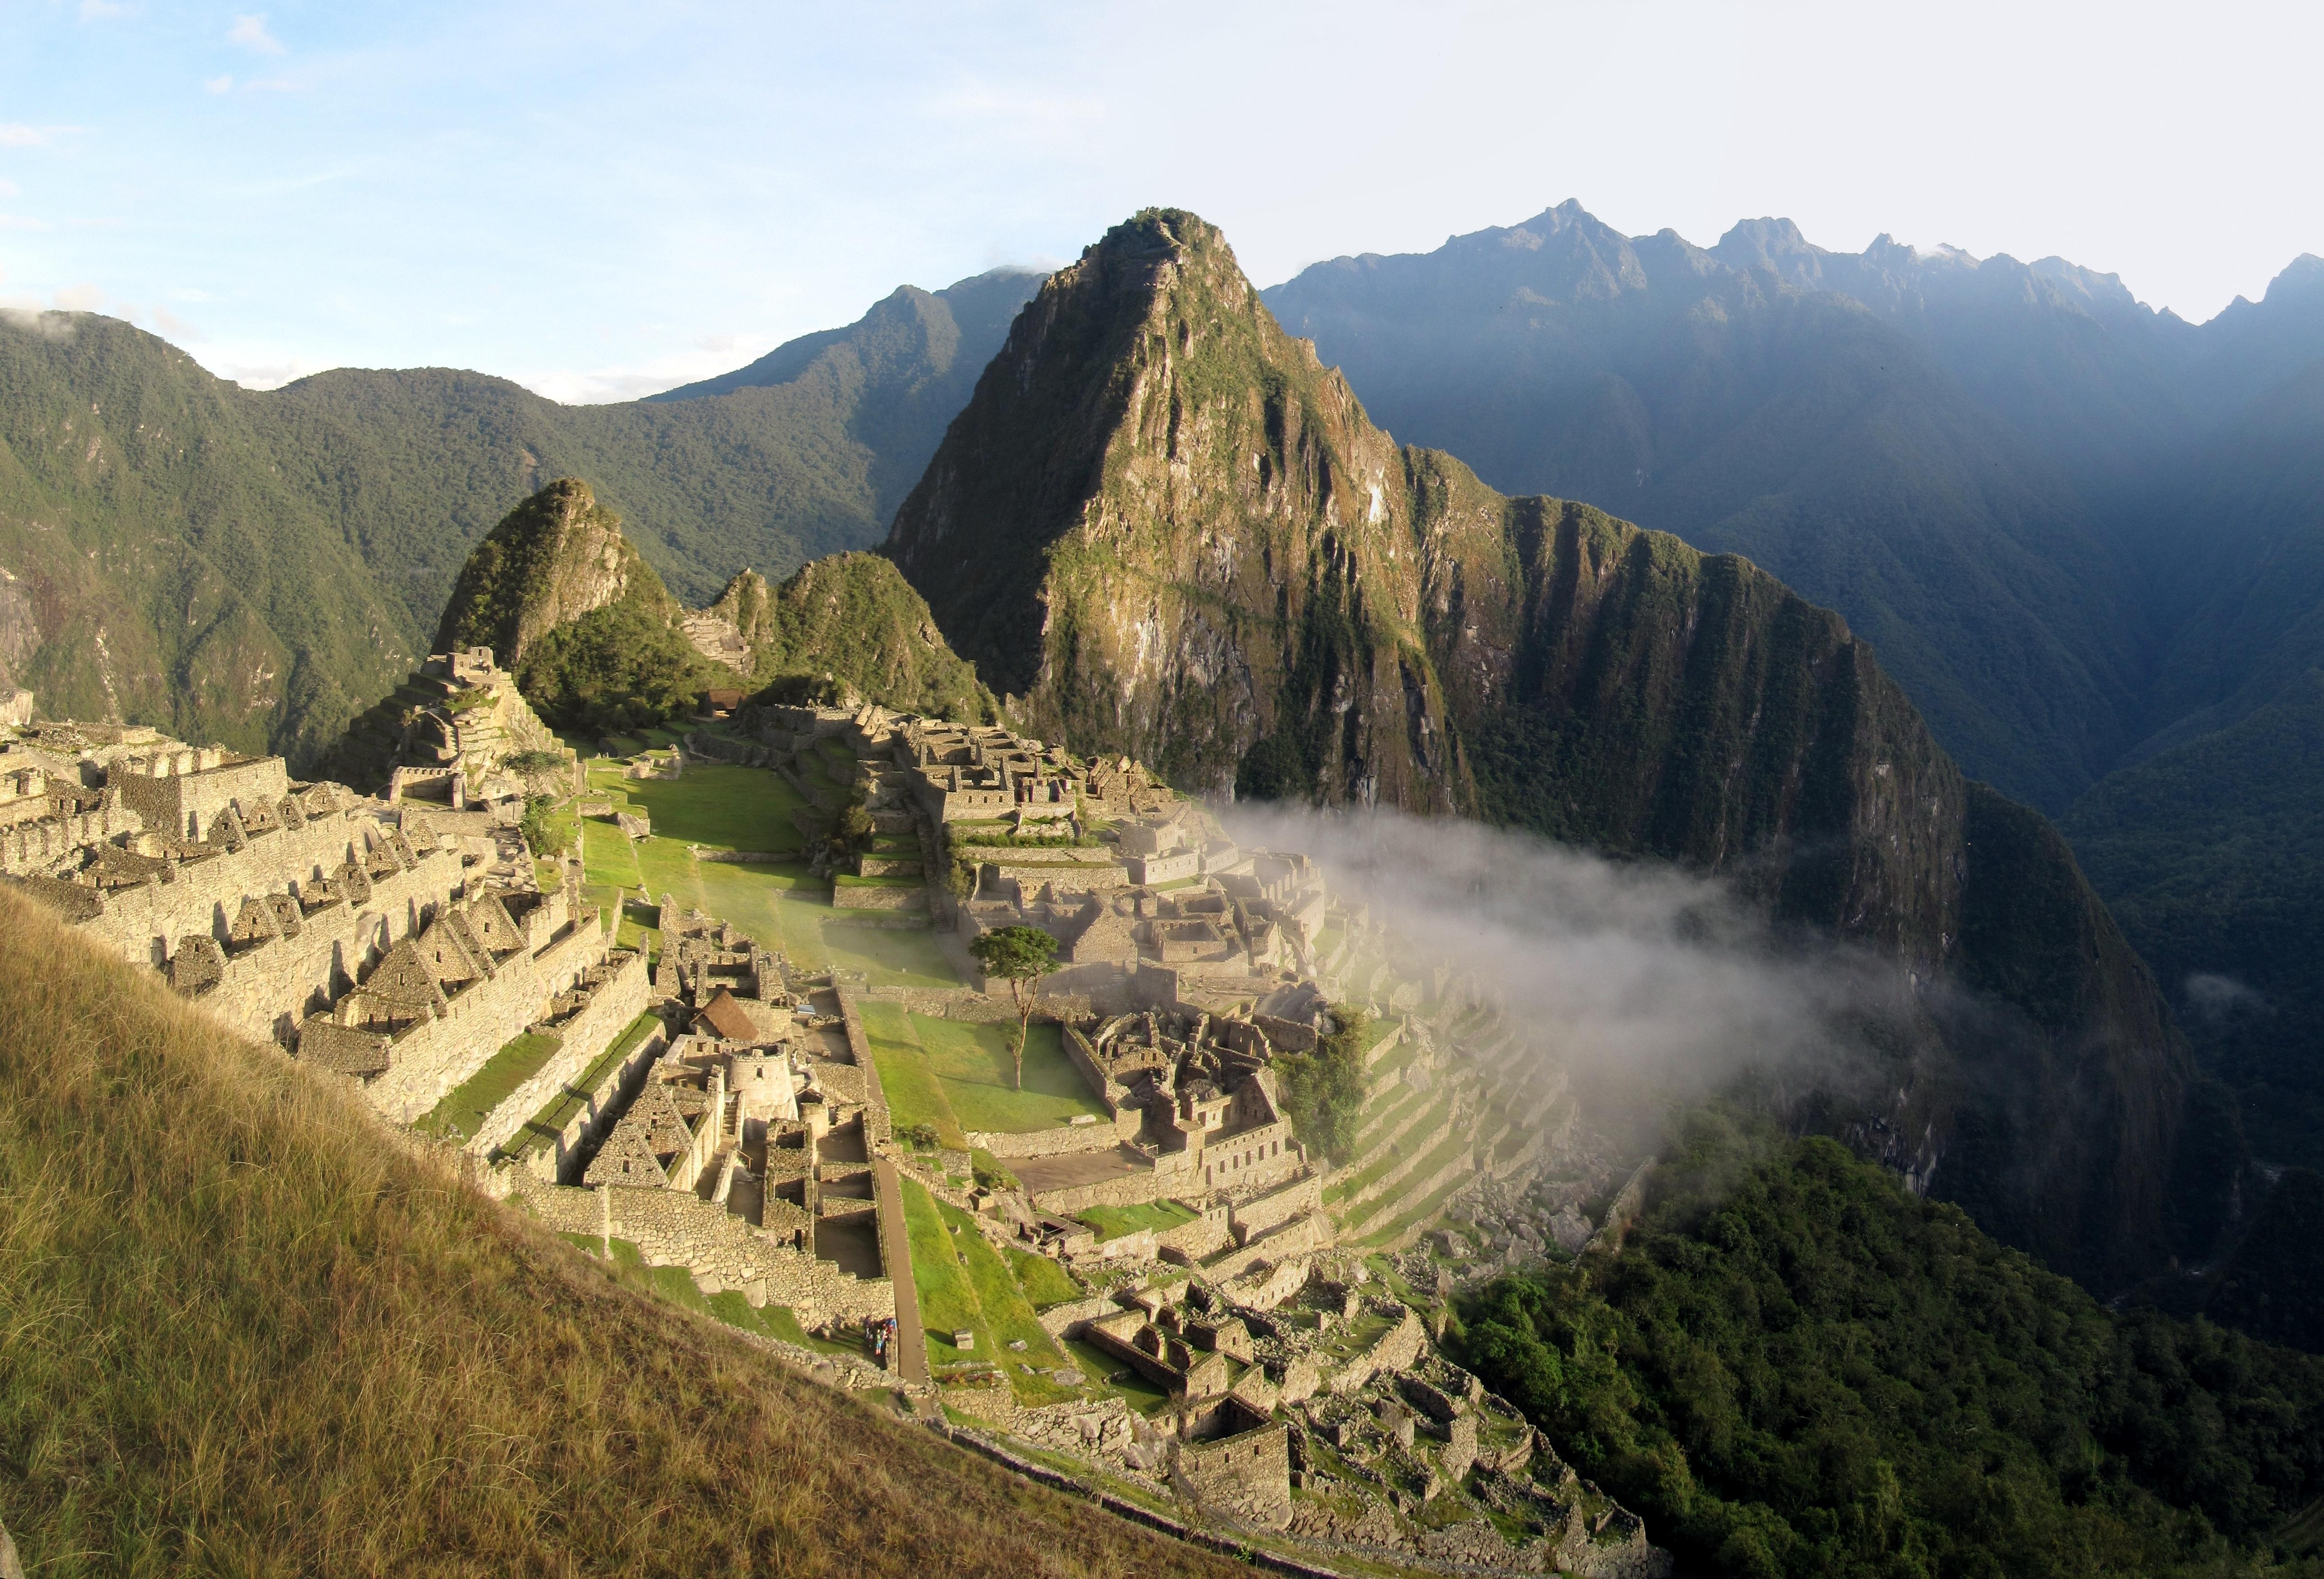 Gambar Pemandangan Berjalan Lembah Pegunungan Medan